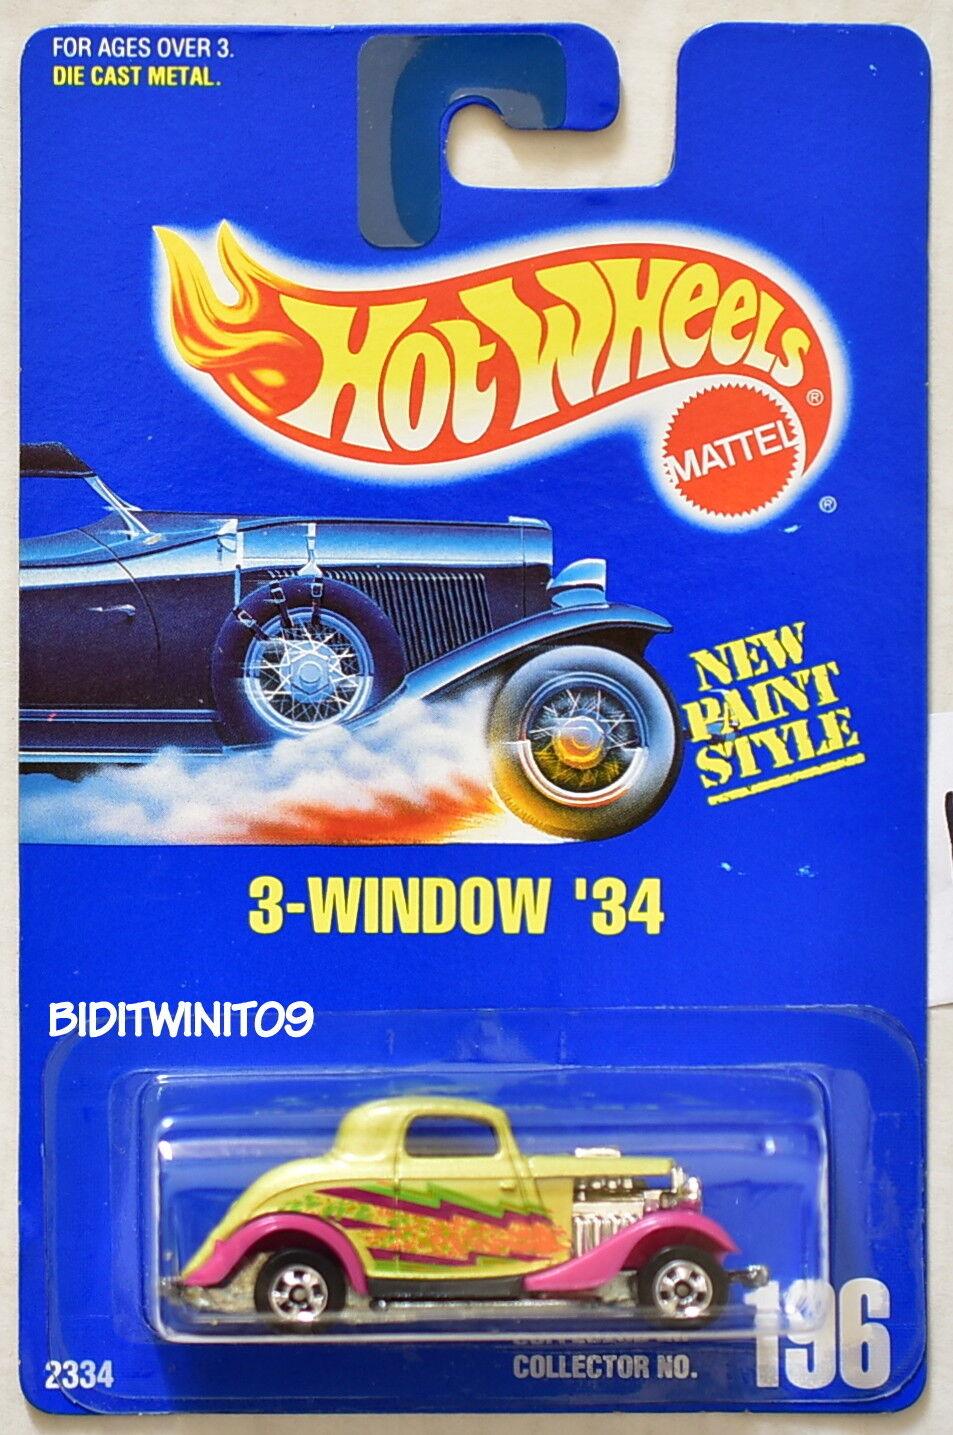 compras online de deportes Hot Wheels 1991 Azul Tarjeta 3-WINDOW'34  196 Amarillo Amarillo Amarillo verde 12 con +  producto de calidad